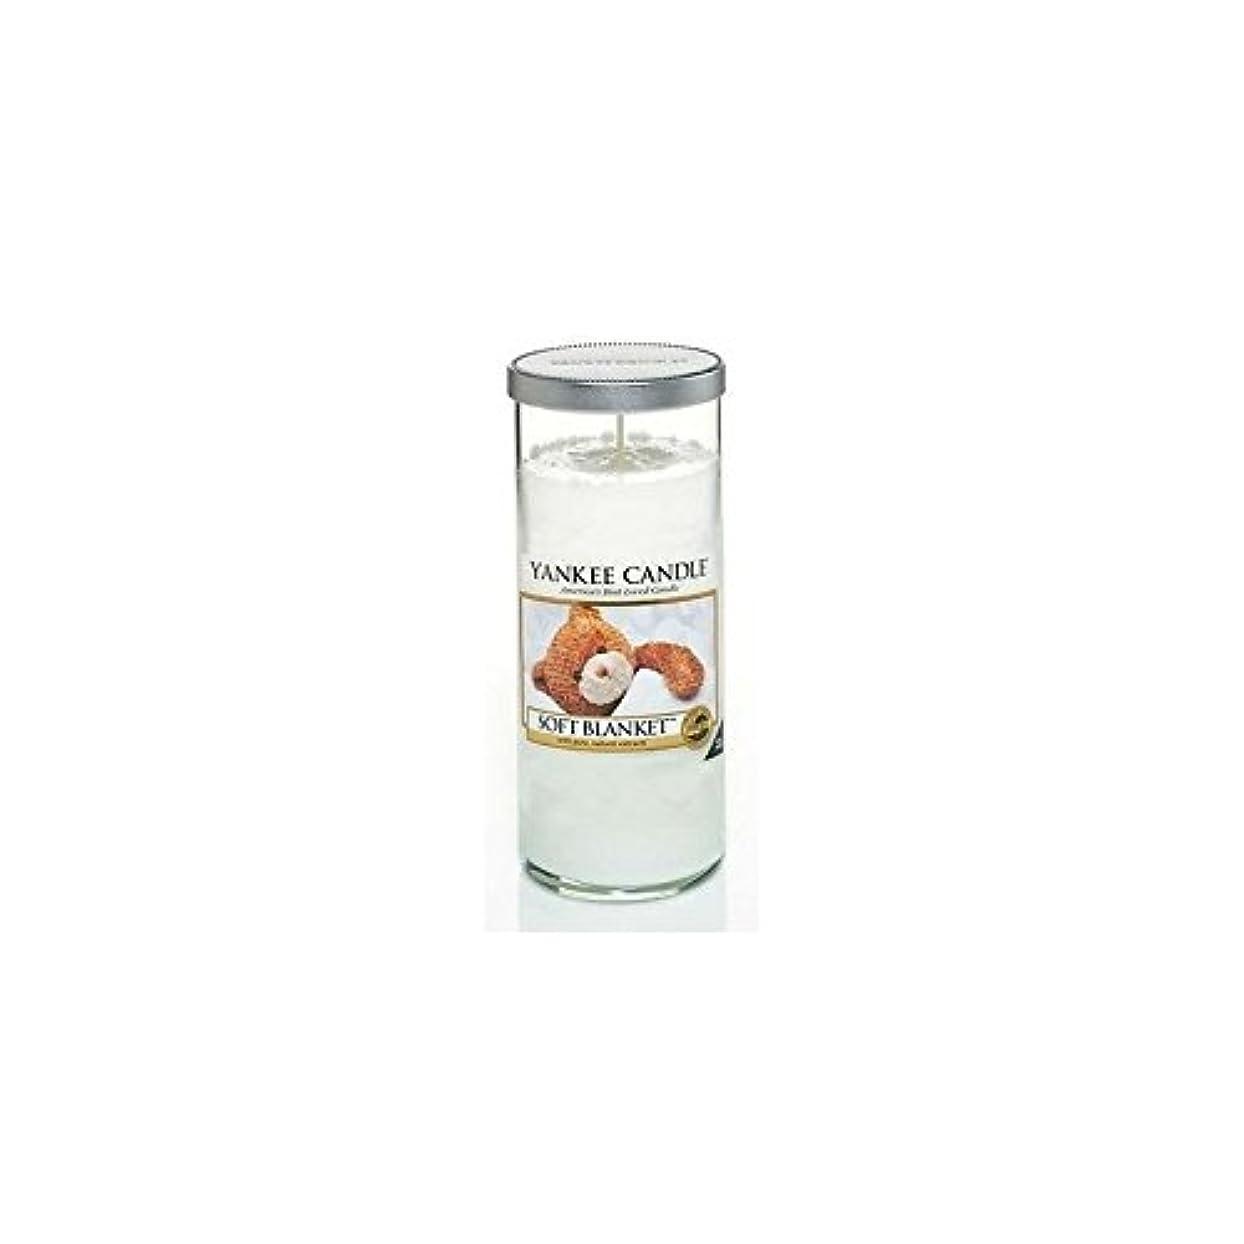 登録熱帯の誇張Yankee Candles Large Pillar Candle - Soft Blanket (Pack of 6) - ヤンキーキャンドル大きな柱キャンドル - ソフト毛布 (x6) [並行輸入品]